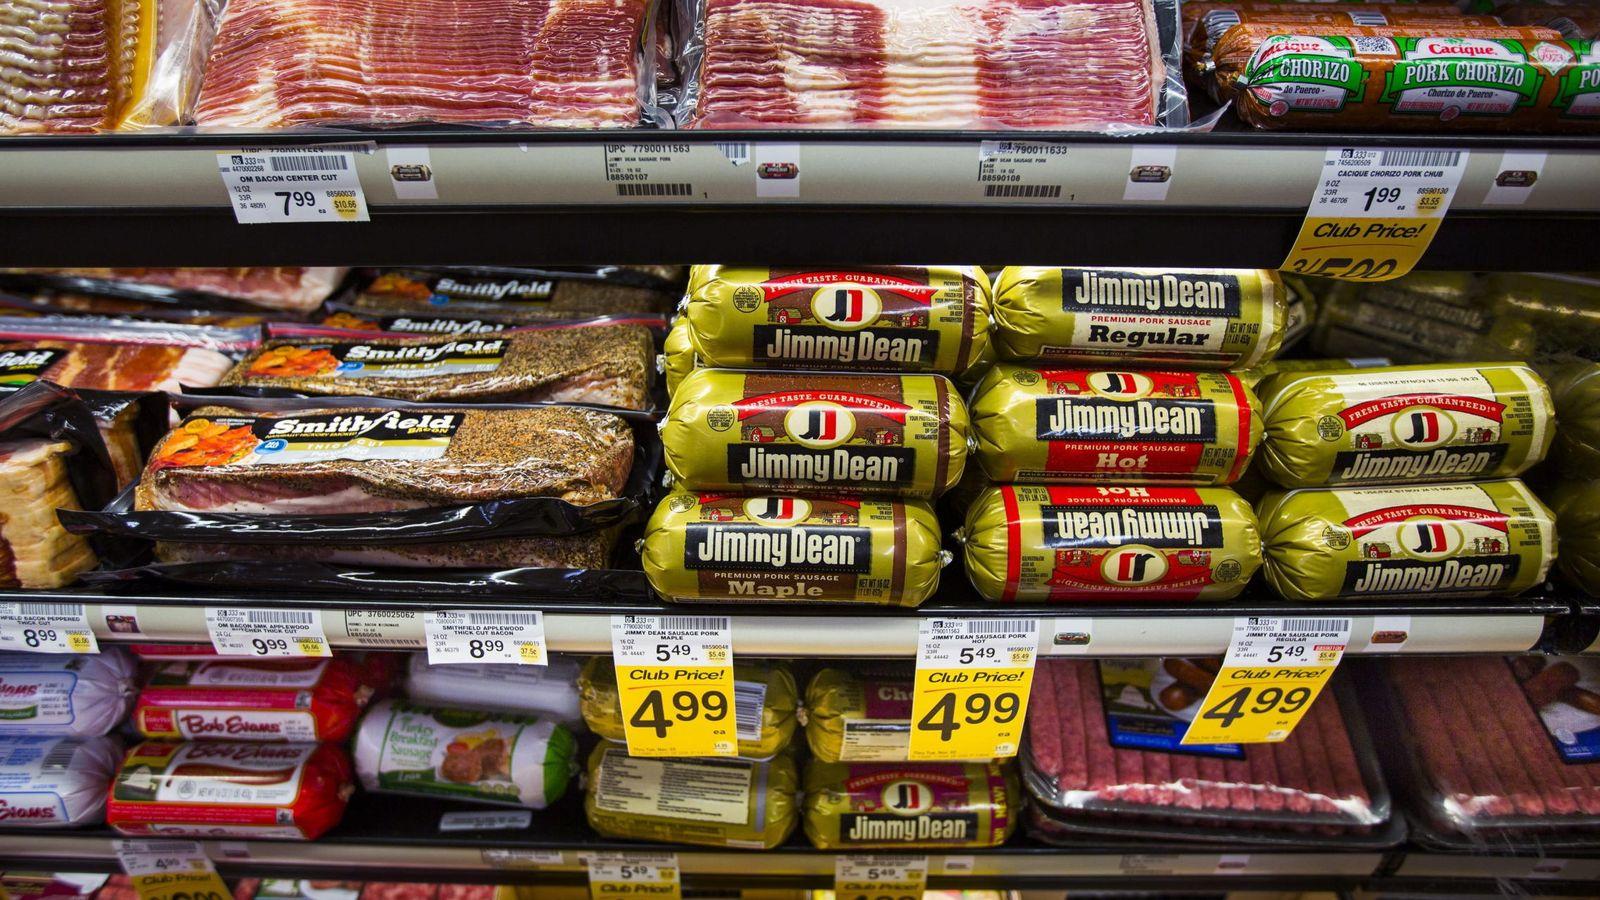 Foto: Expositor de un supermercado en Washington con salchichas y bacon precocinado. (EFE)